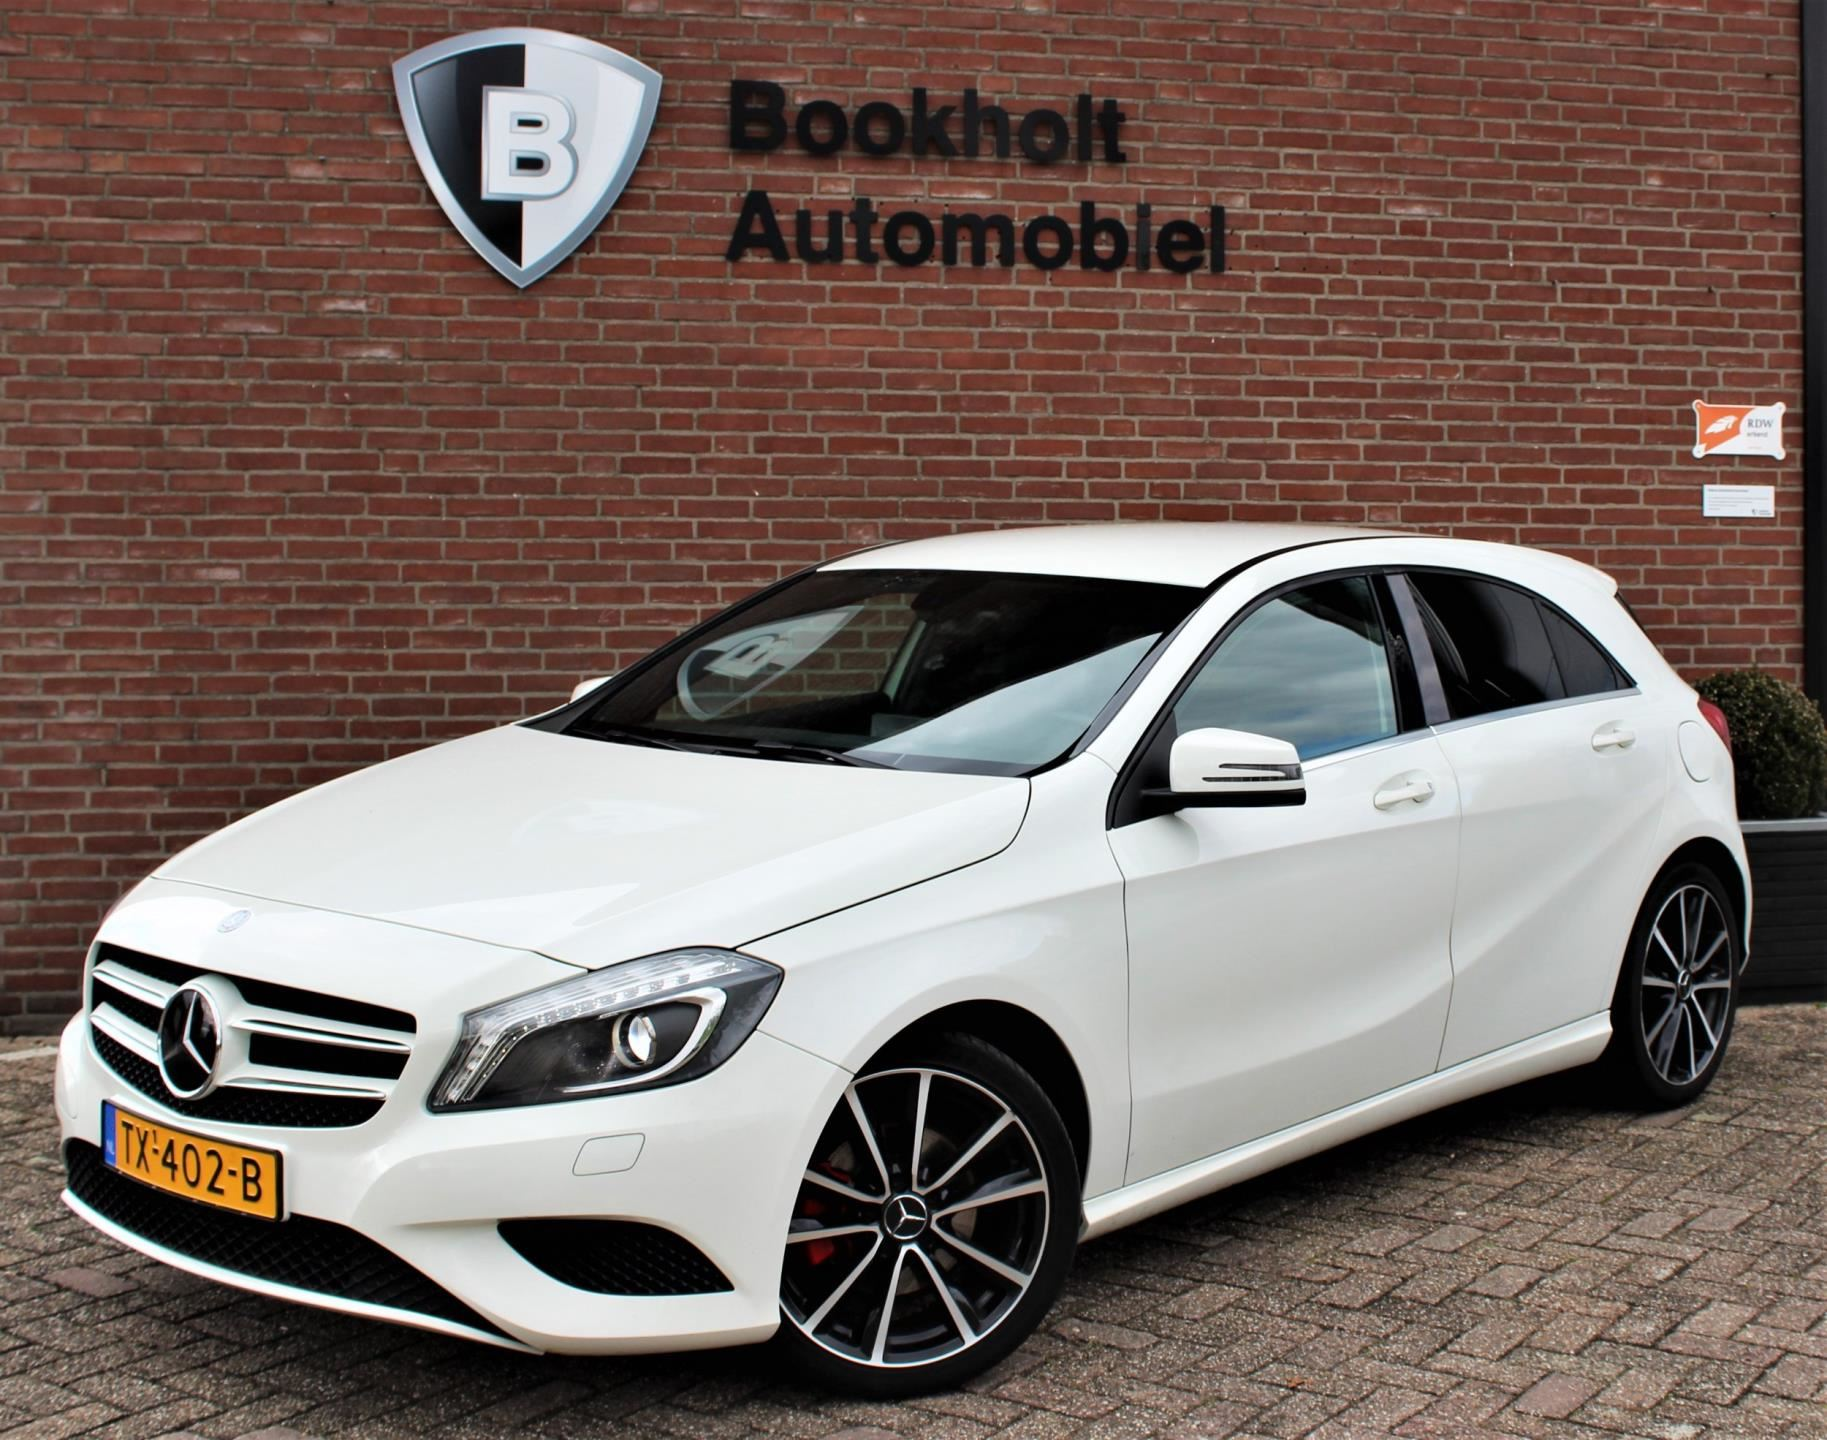 Mercedes-Benz A-klasse occasion - Bookholt Automobiel